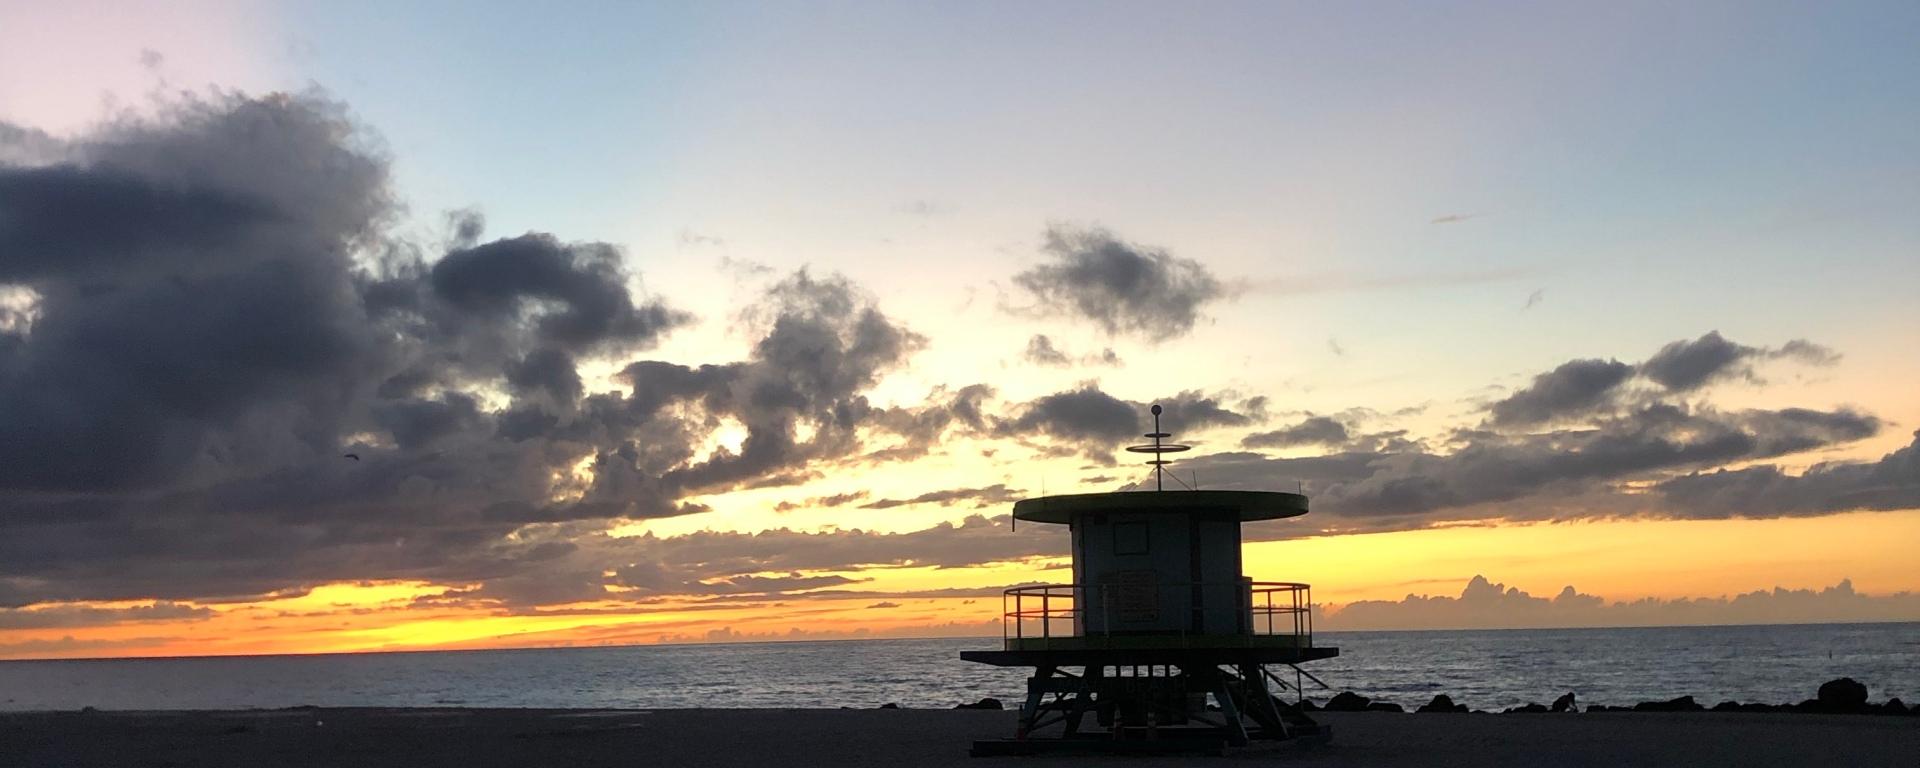 Dawn on Miami Beach